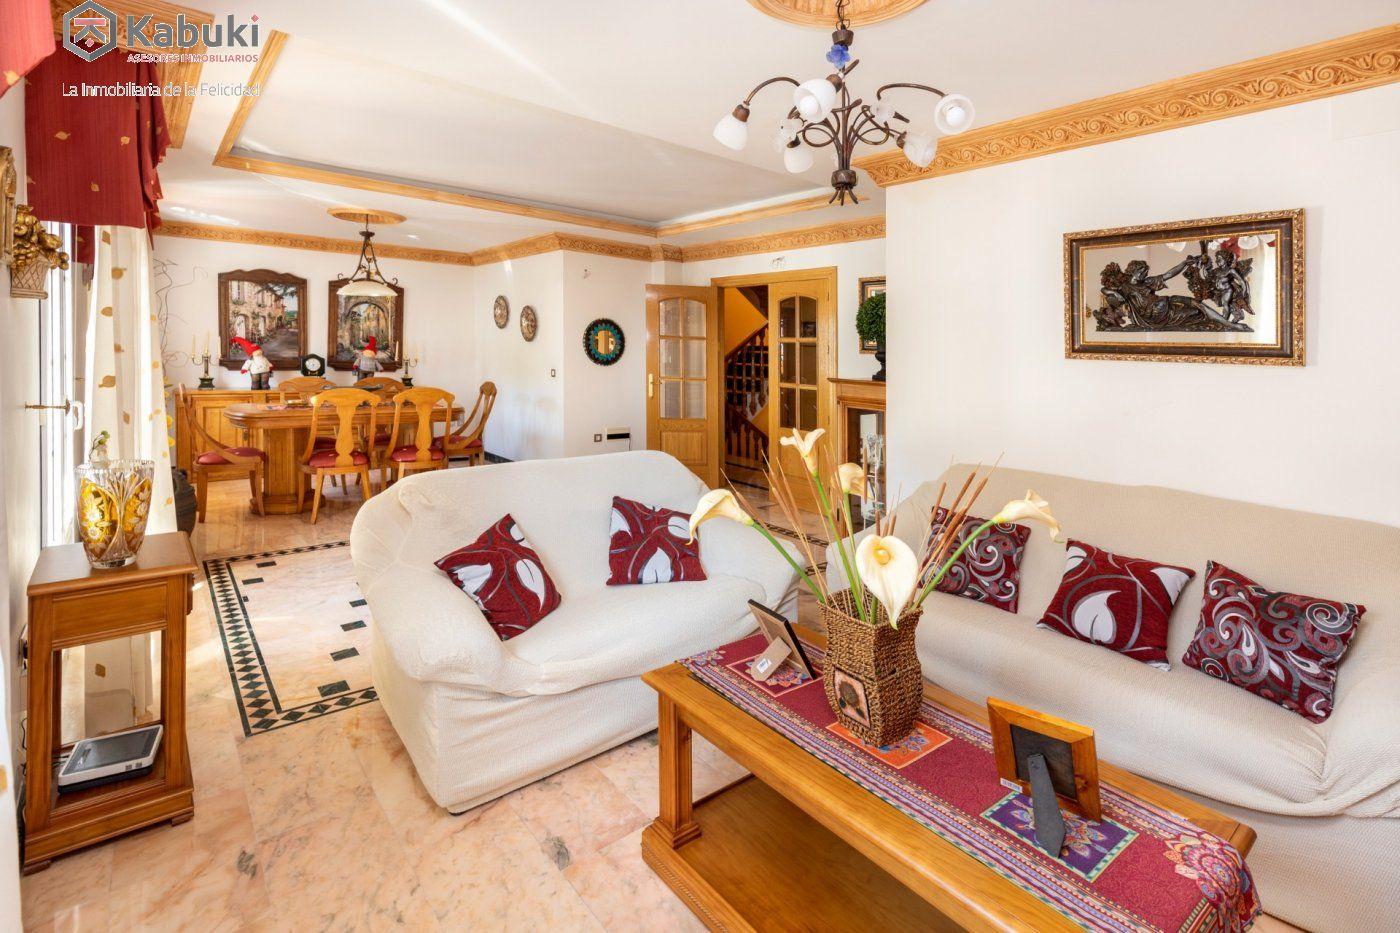 Magnífica casa en jun, con fabulosas vistas despejadas a la vega granadina y a montevive - imagenInmueble3